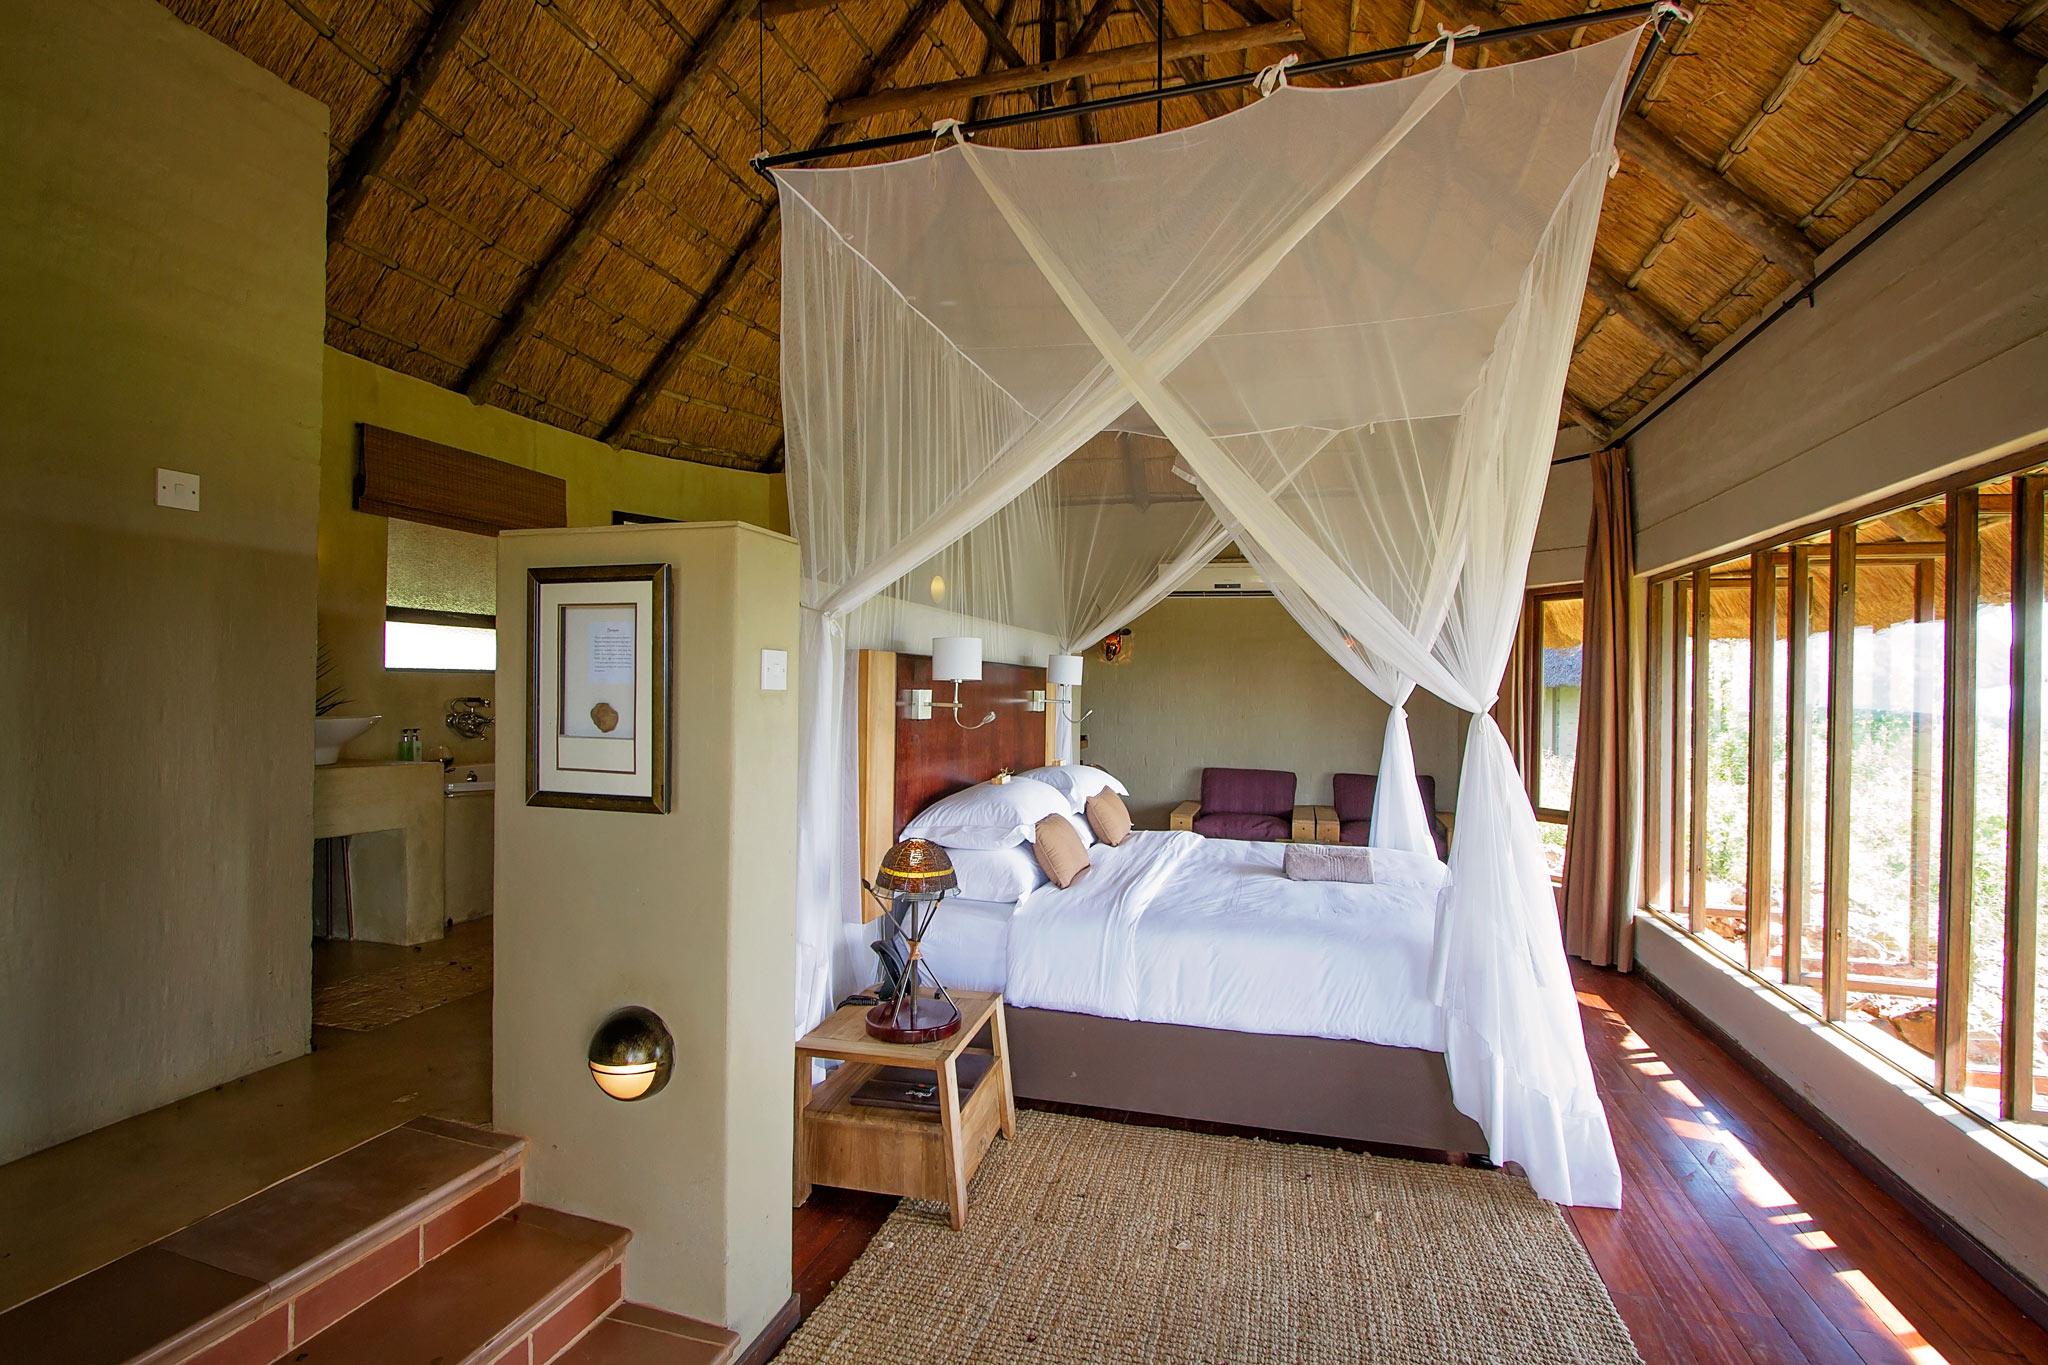 chobe-safari-lodge-suite